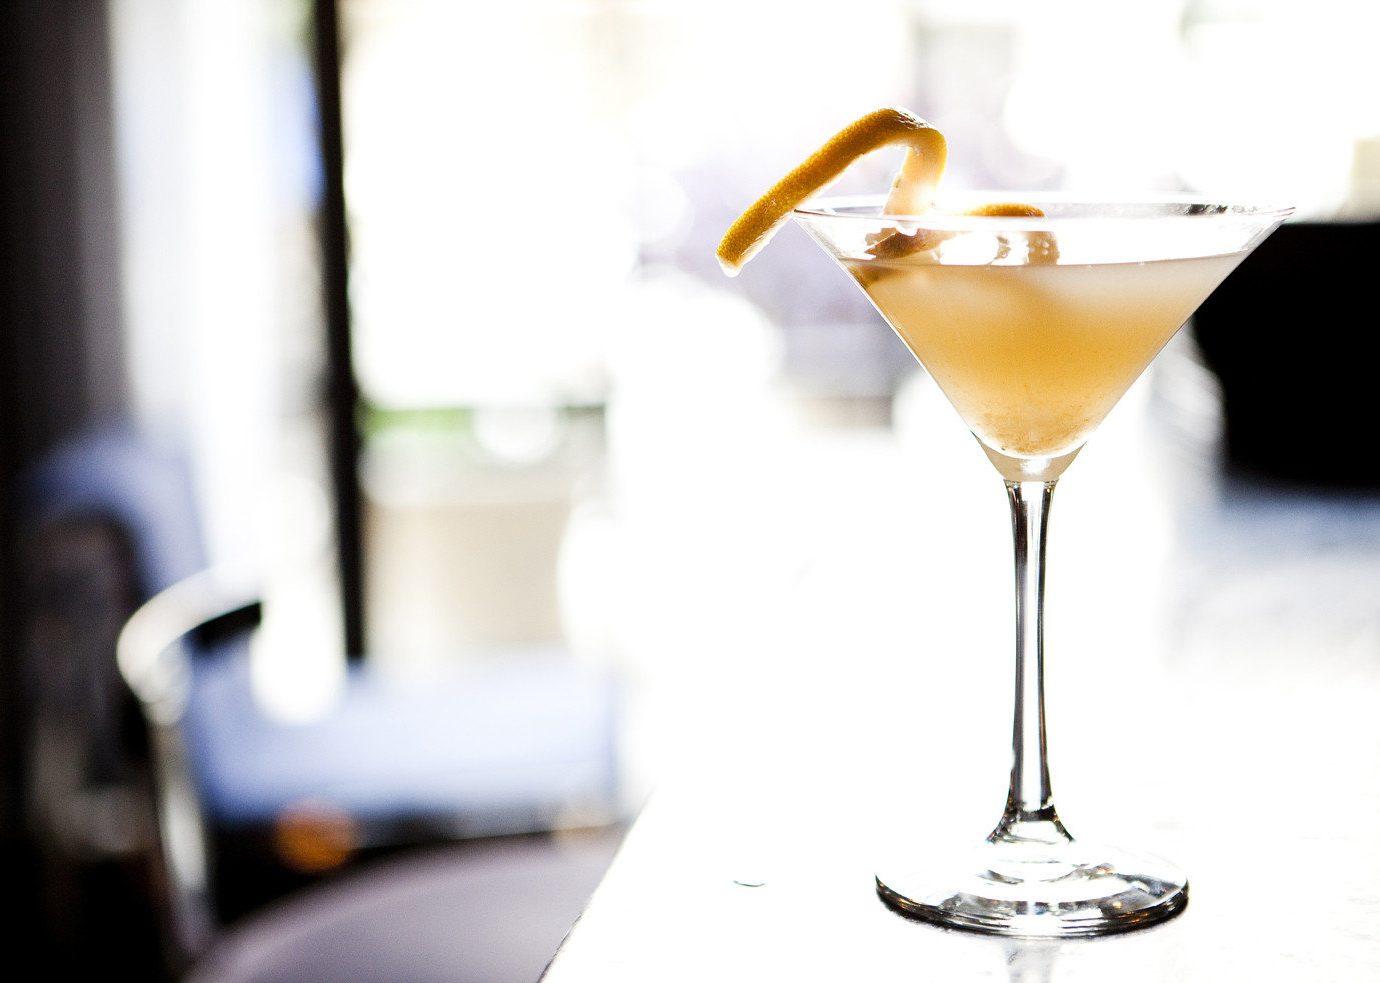 Girls Getaways Trip Ideas Weekend Getaways indoor Drink alcoholic beverage food cocktail martini beverage distilled beverage alcohol